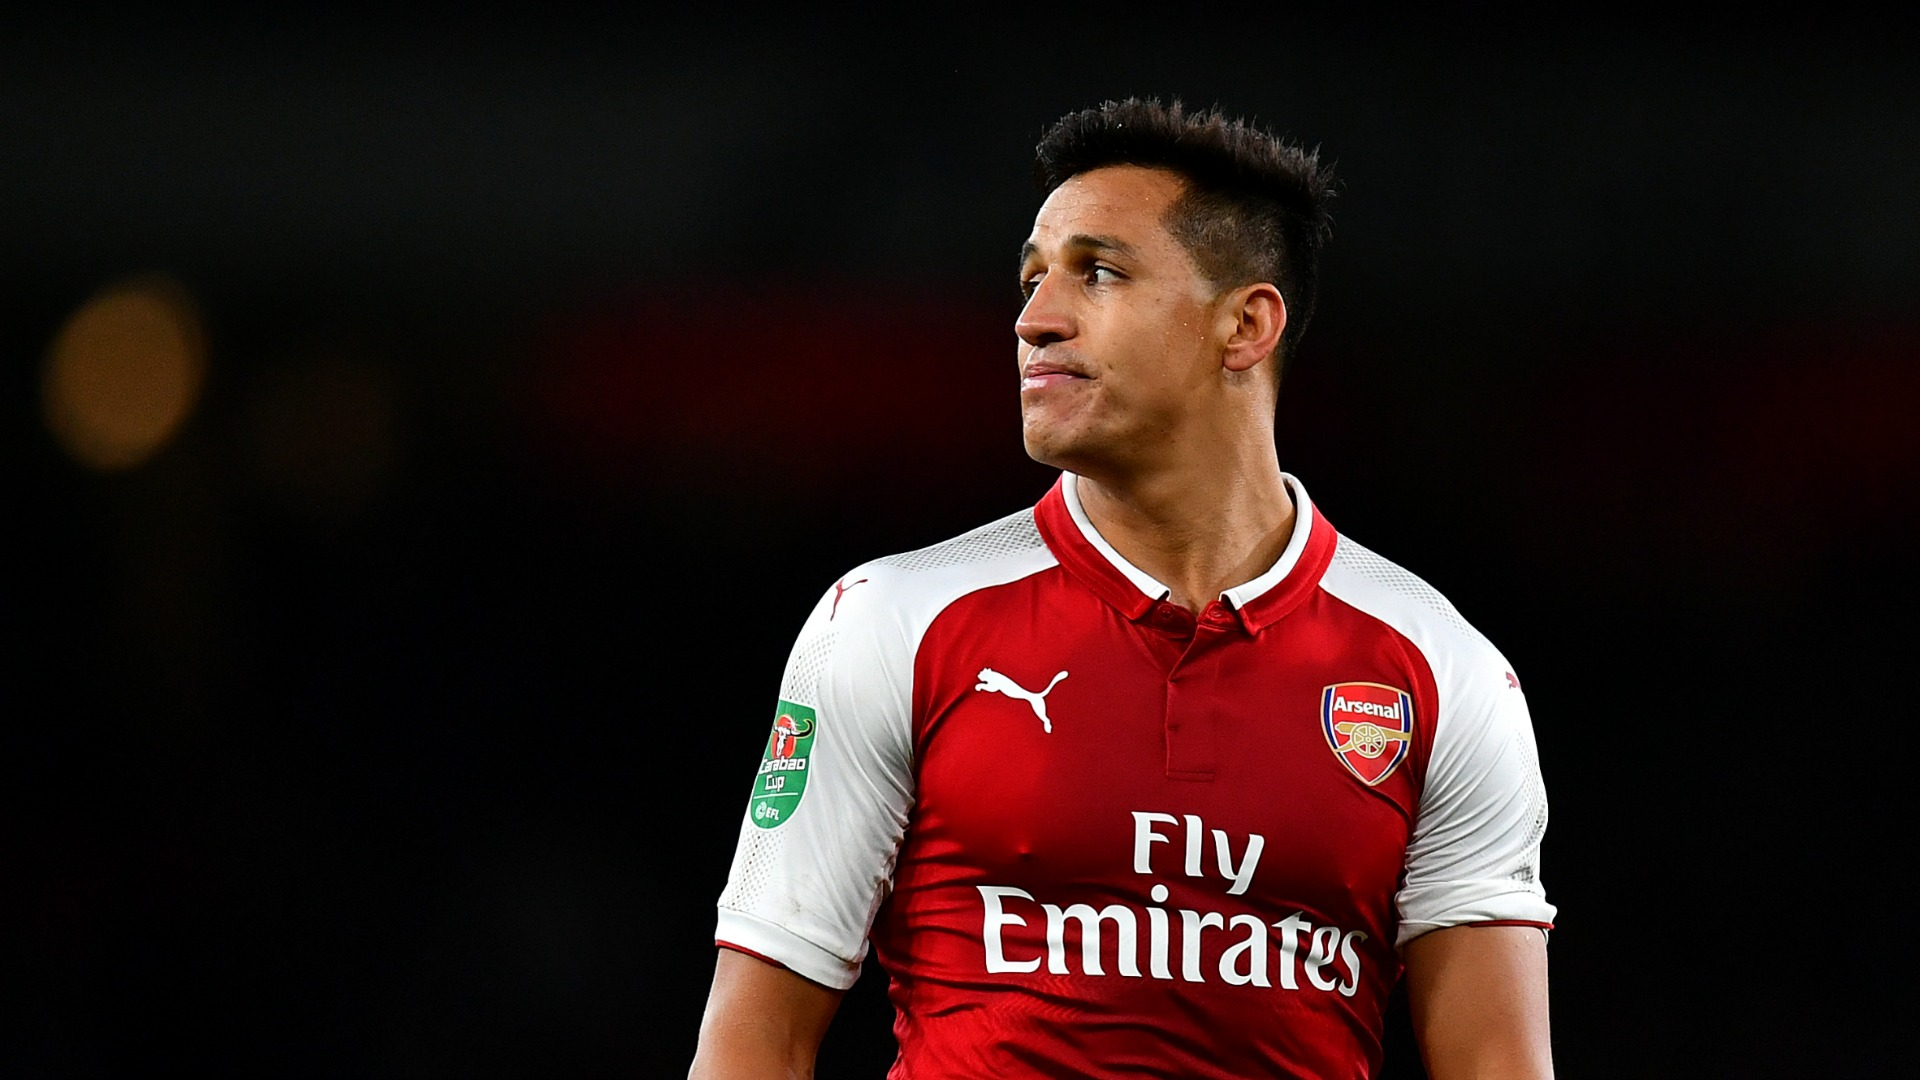 Arsenal se impuso con equipo alternativo a BATE Borisov en Europa League